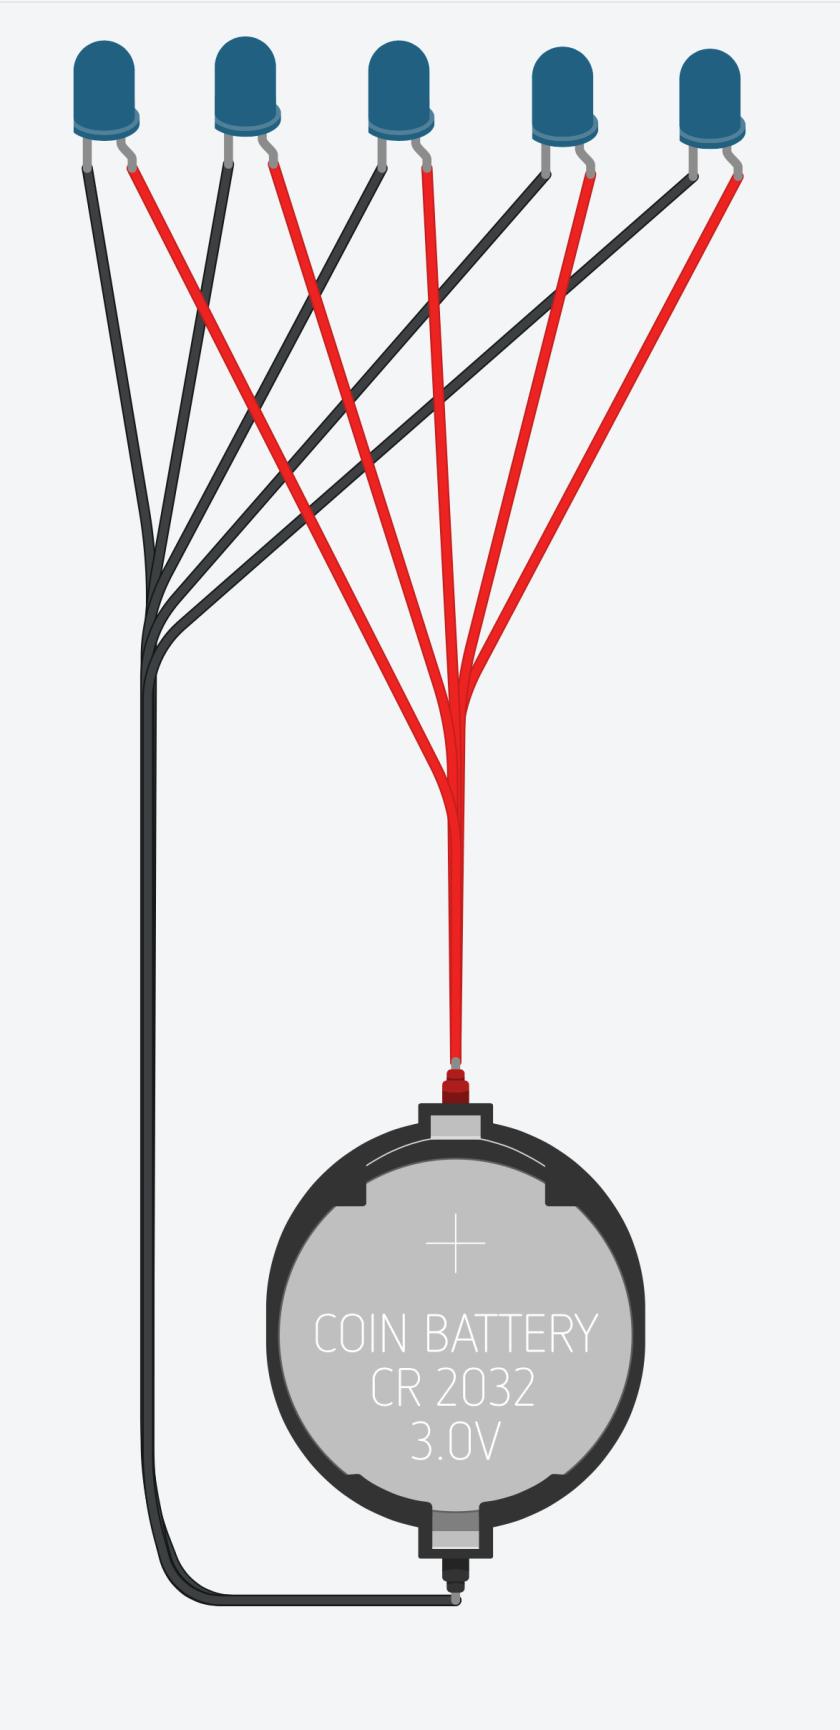 Plush wiring diagram.png